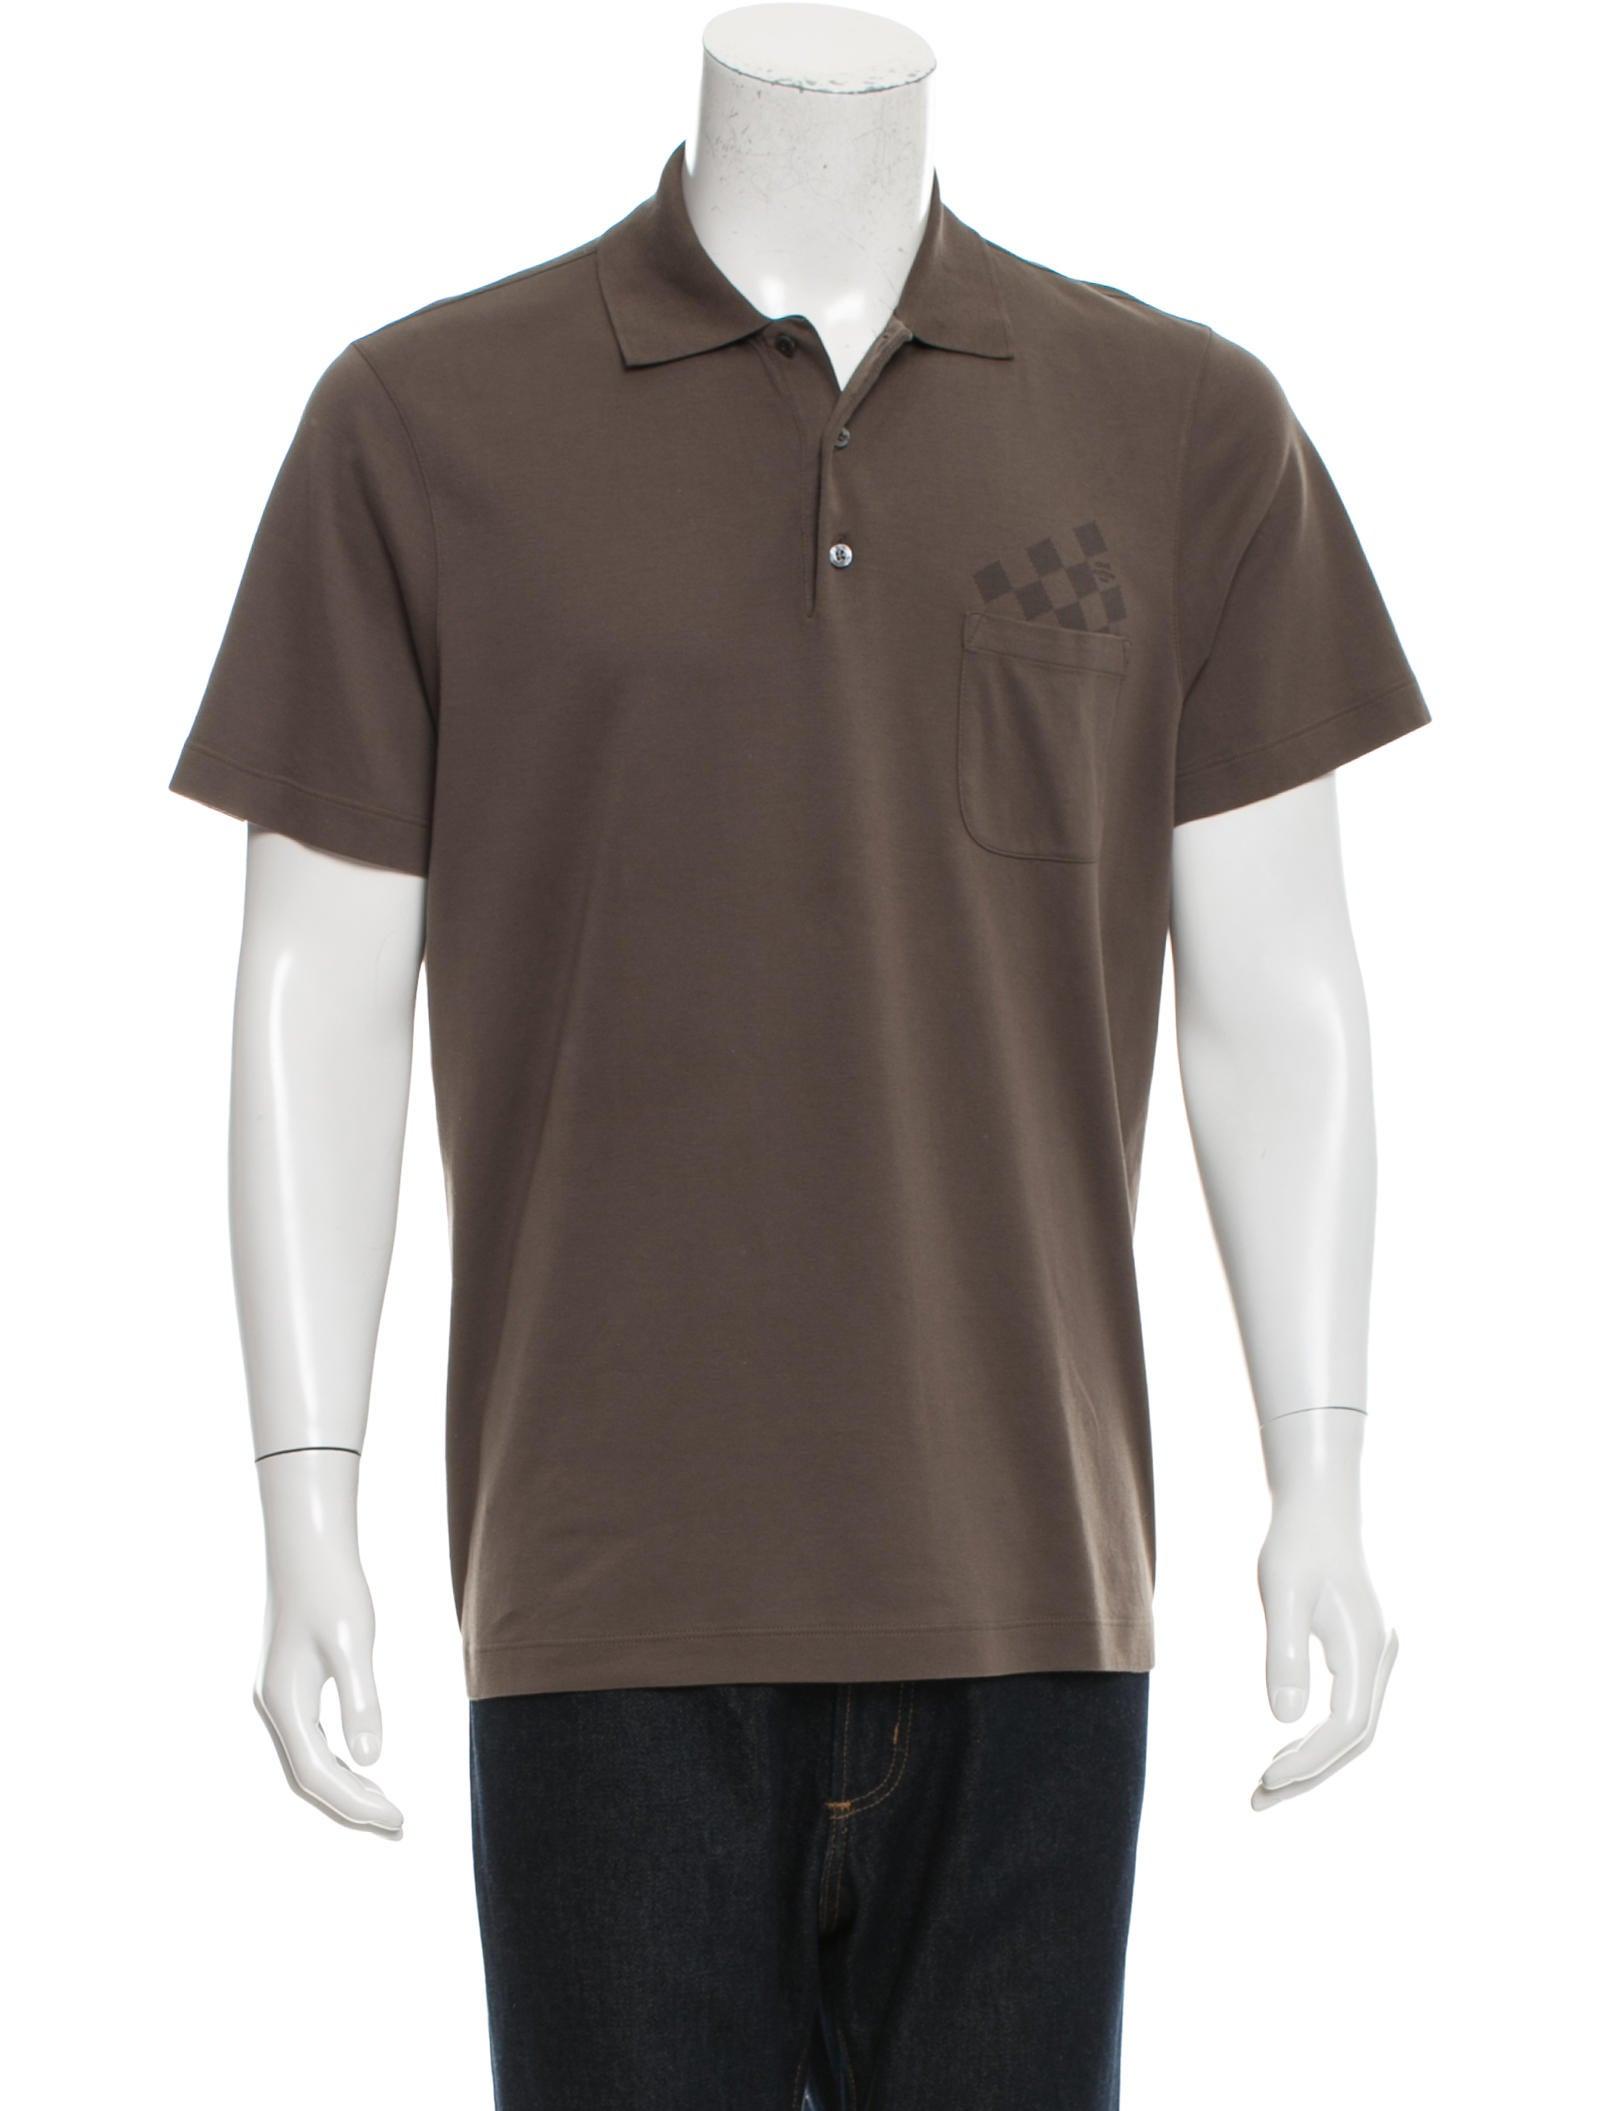 Louis Vuitton Polo Shirt Damier T Shirt